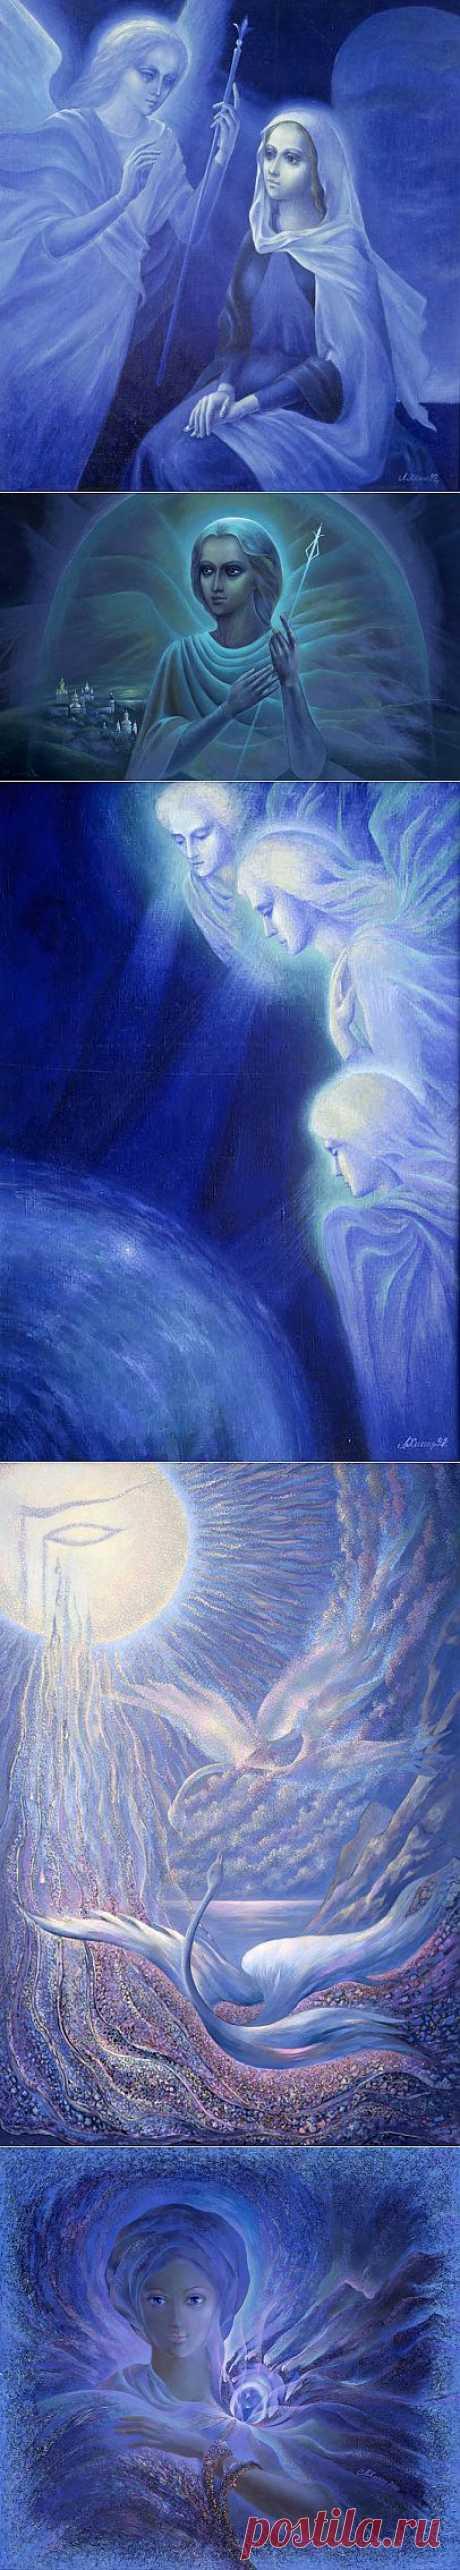 Земной мир глазами Космоса. Художник Лариса Хомич. | Наслаждение творчеством